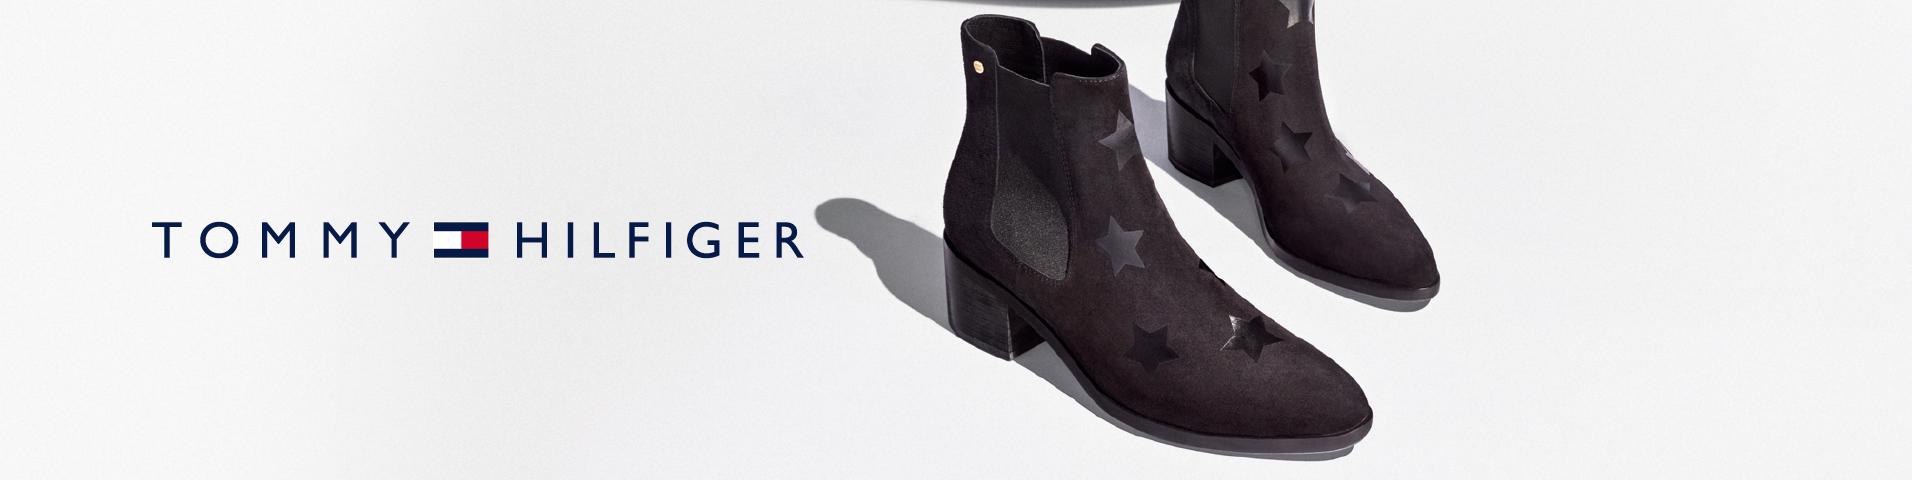 chaussures femme tommy hilfiger livraison gratuite avec zalando. Black Bedroom Furniture Sets. Home Design Ideas